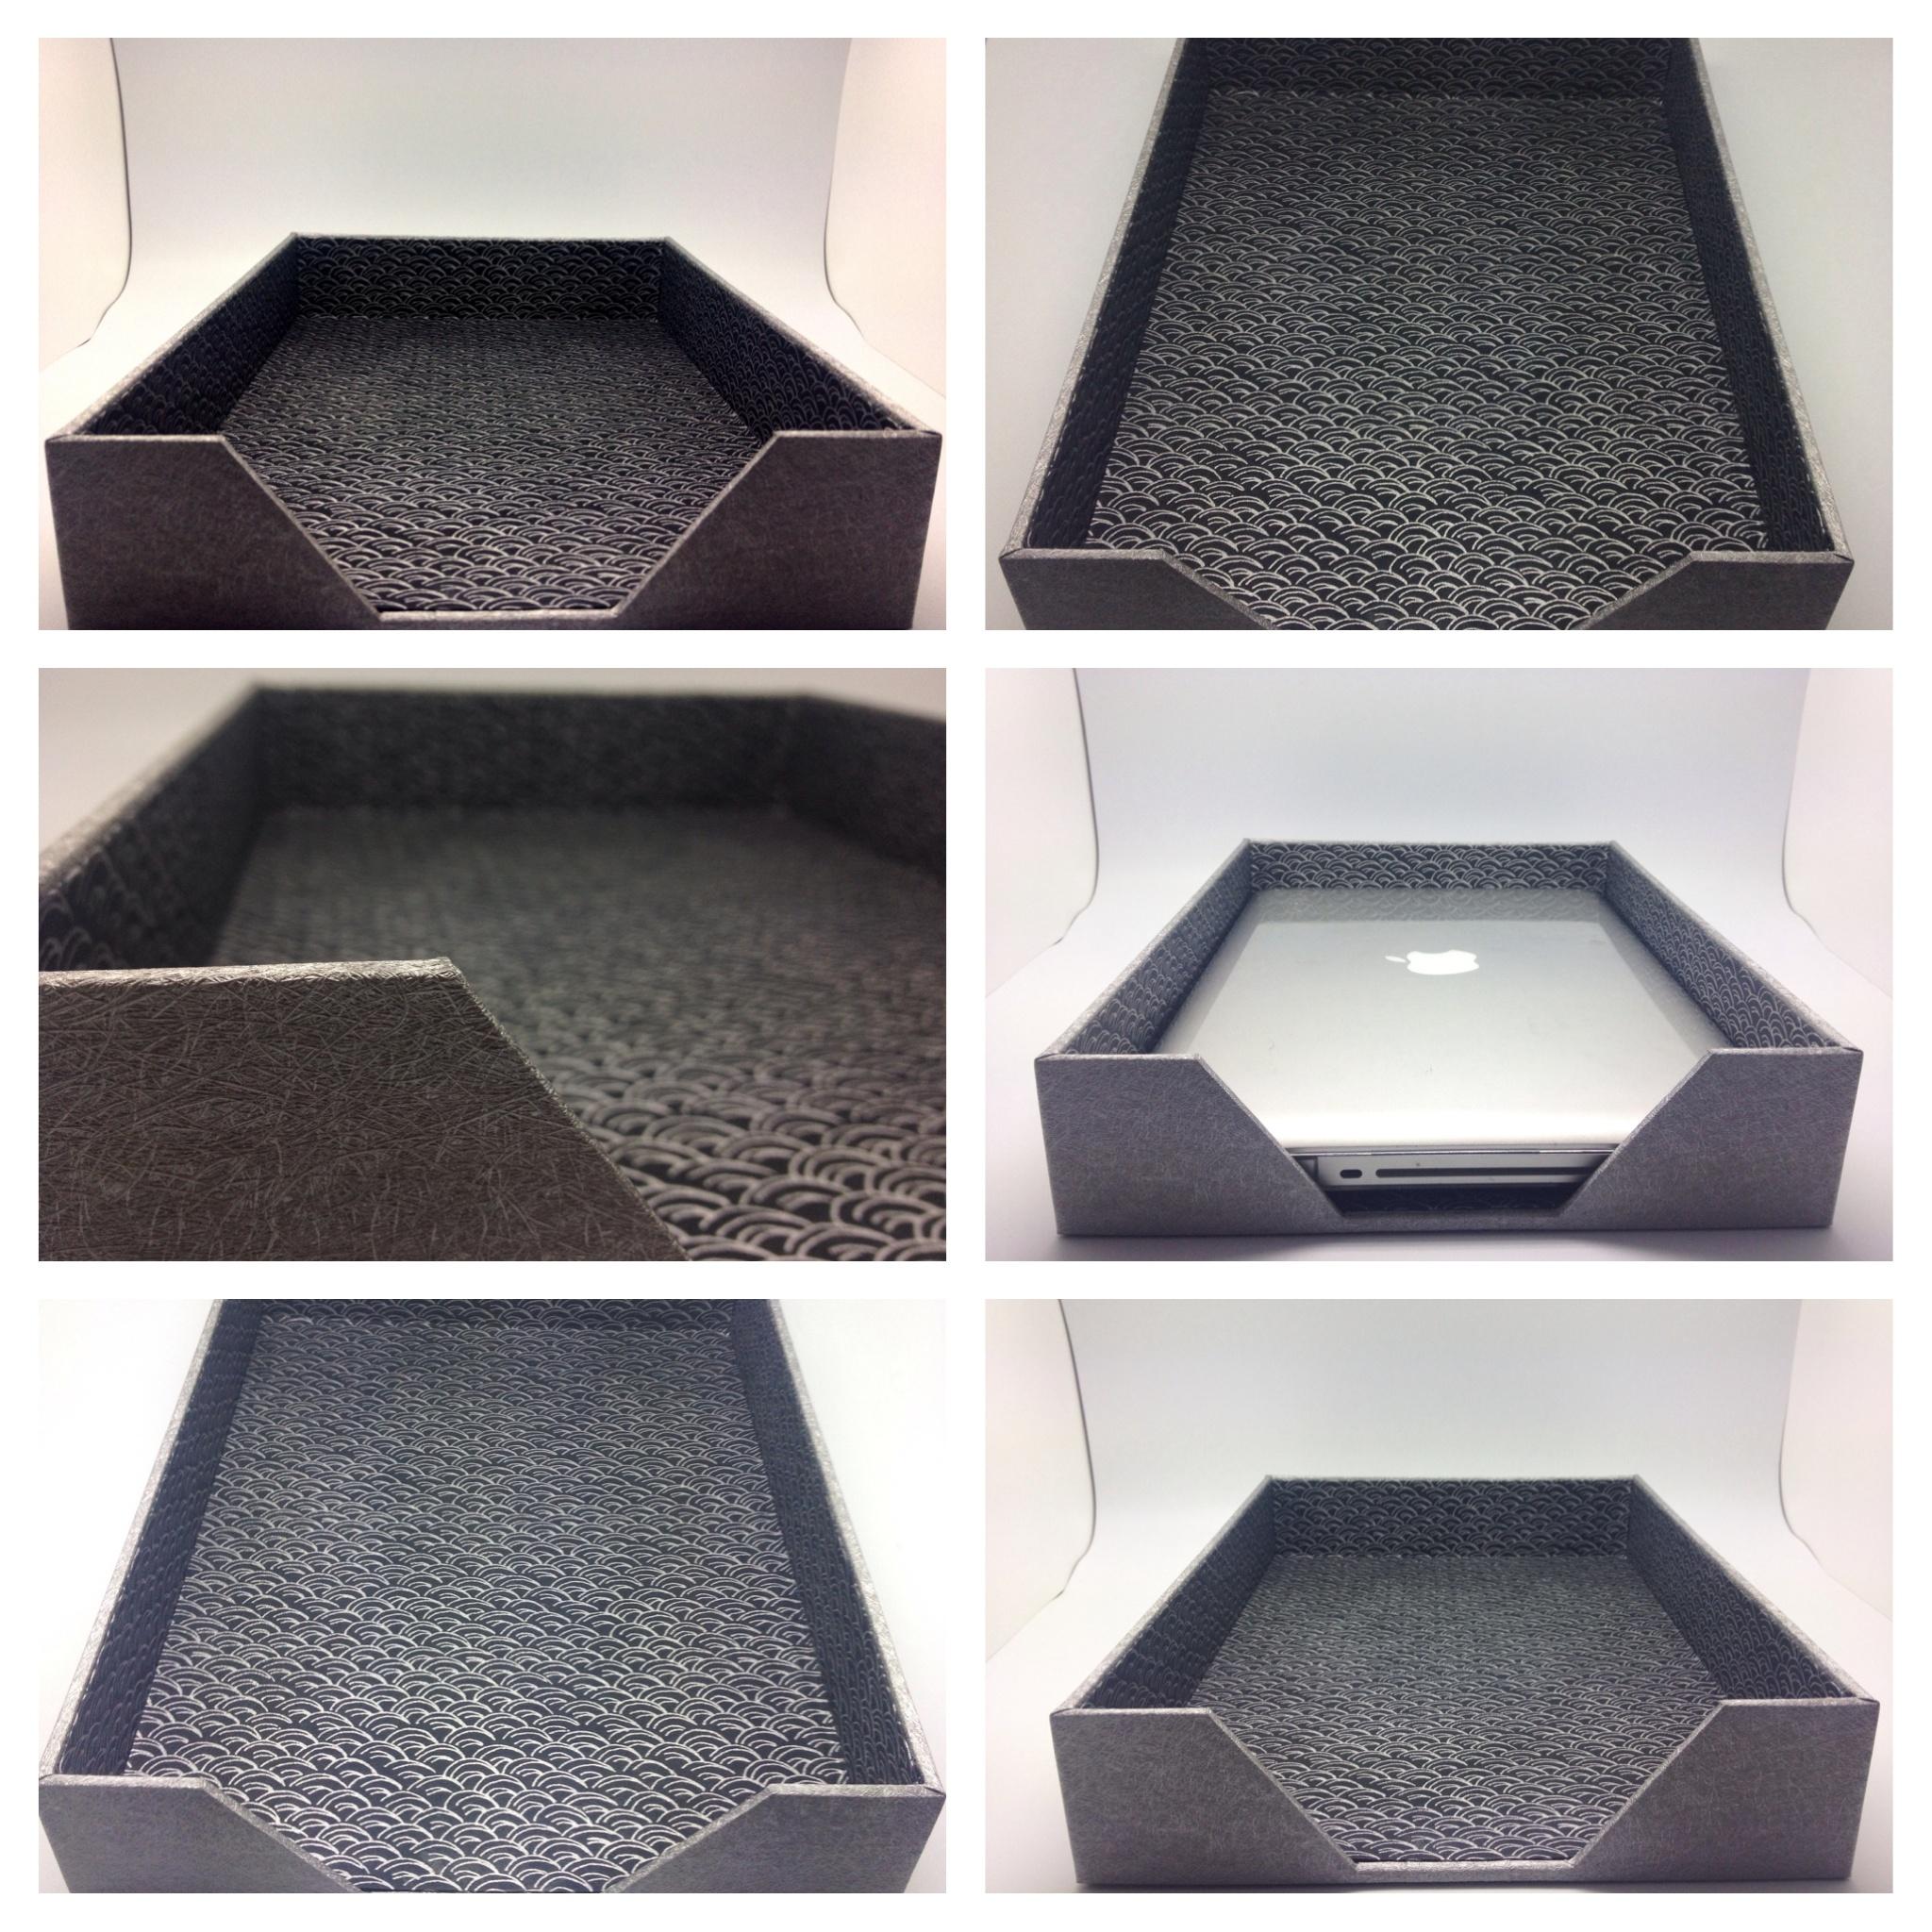 bannette courrier sakarton. Black Bedroom Furniture Sets. Home Design Ideas